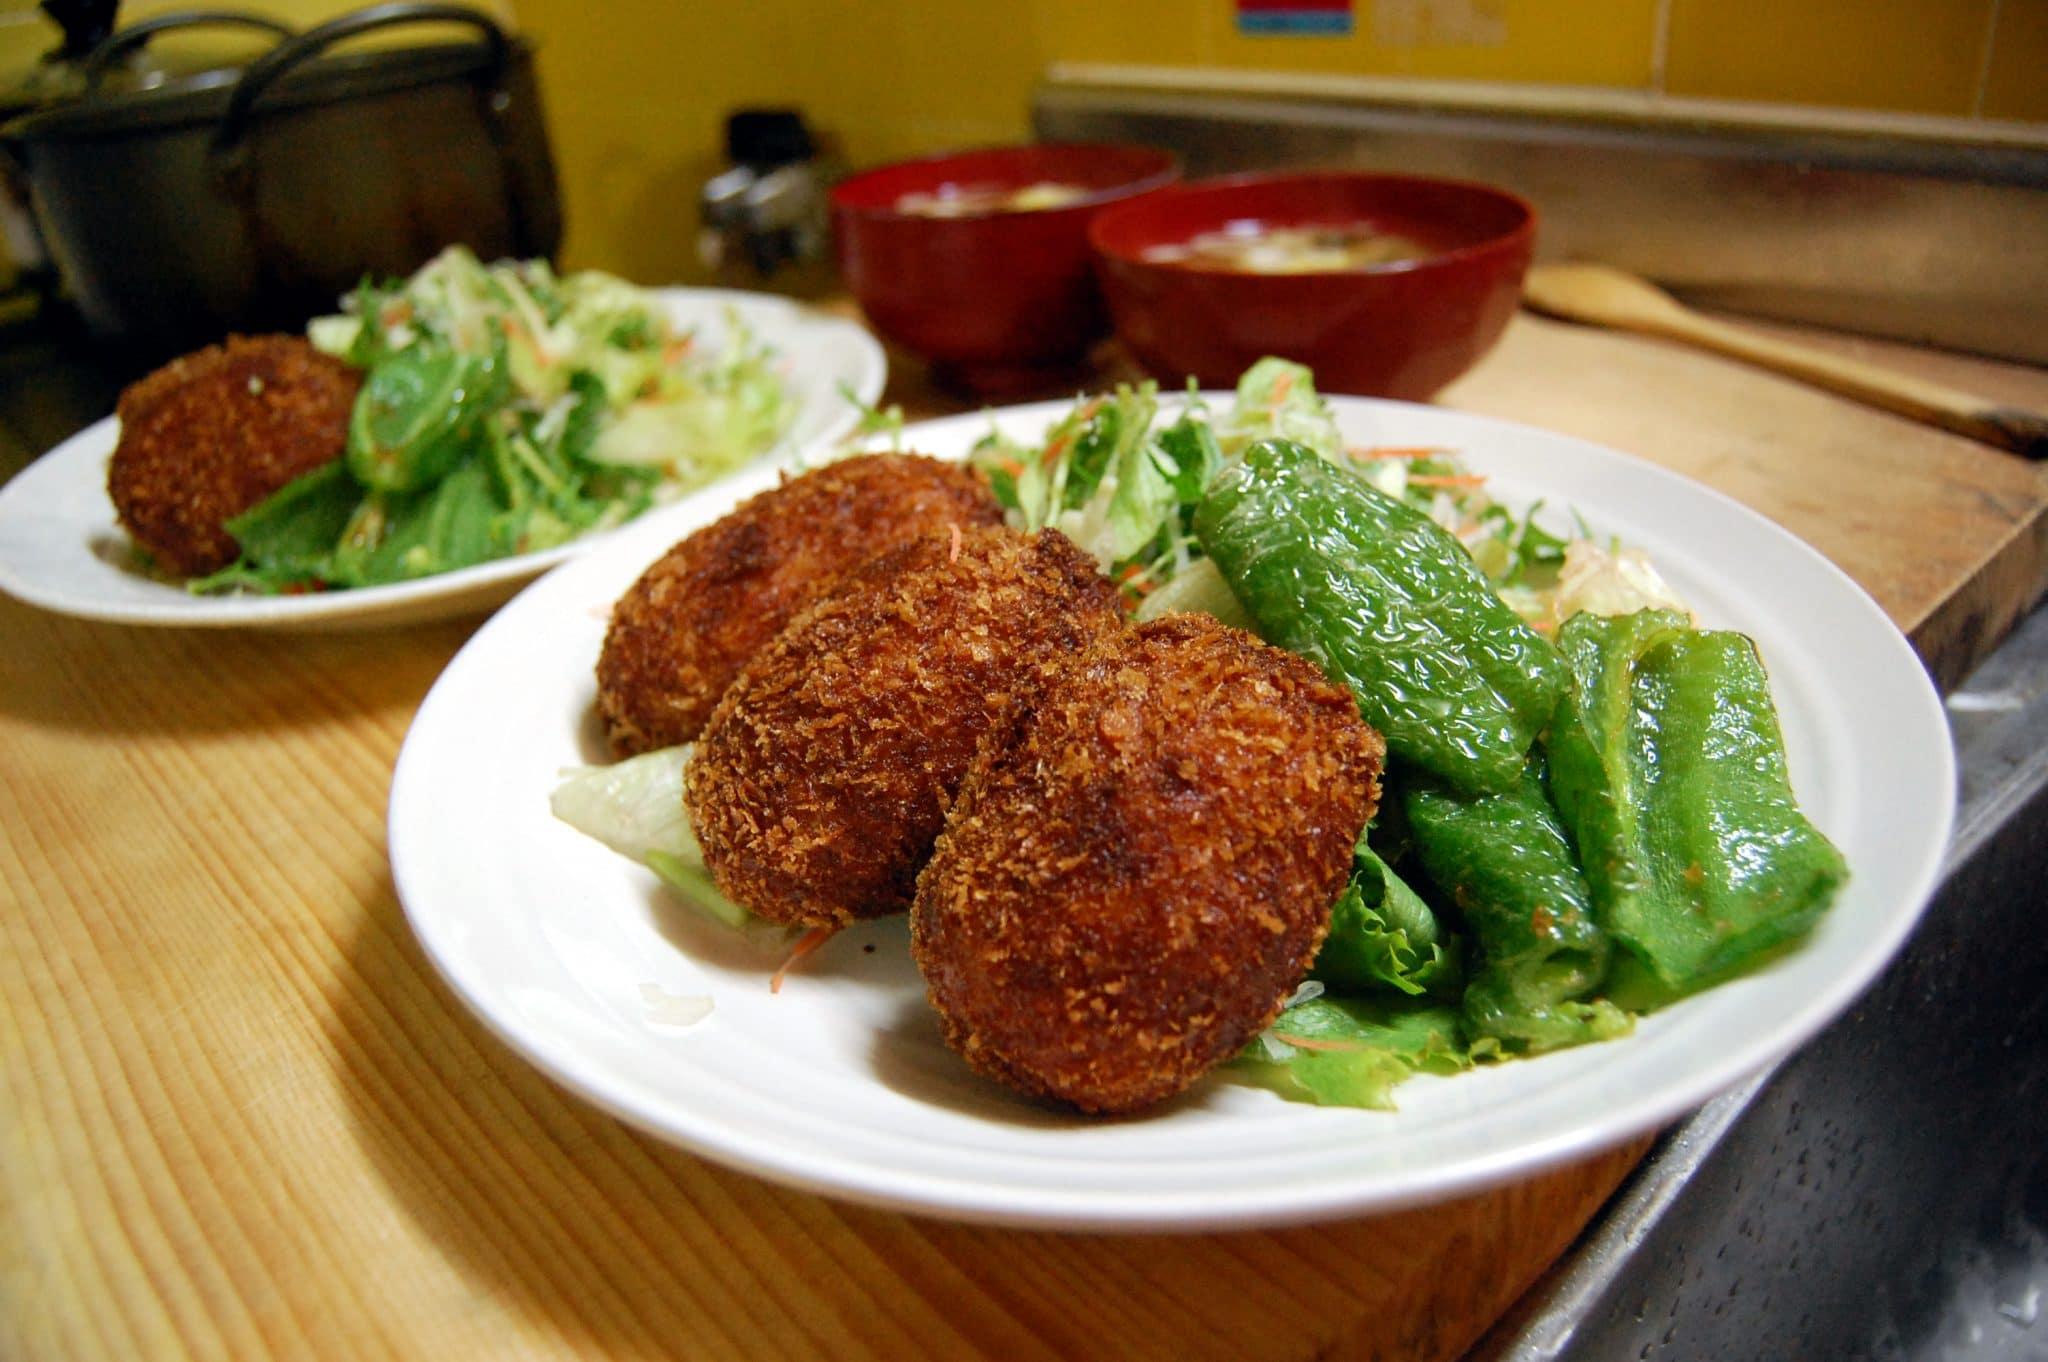 ochazuke recipe, how to make ochazuke